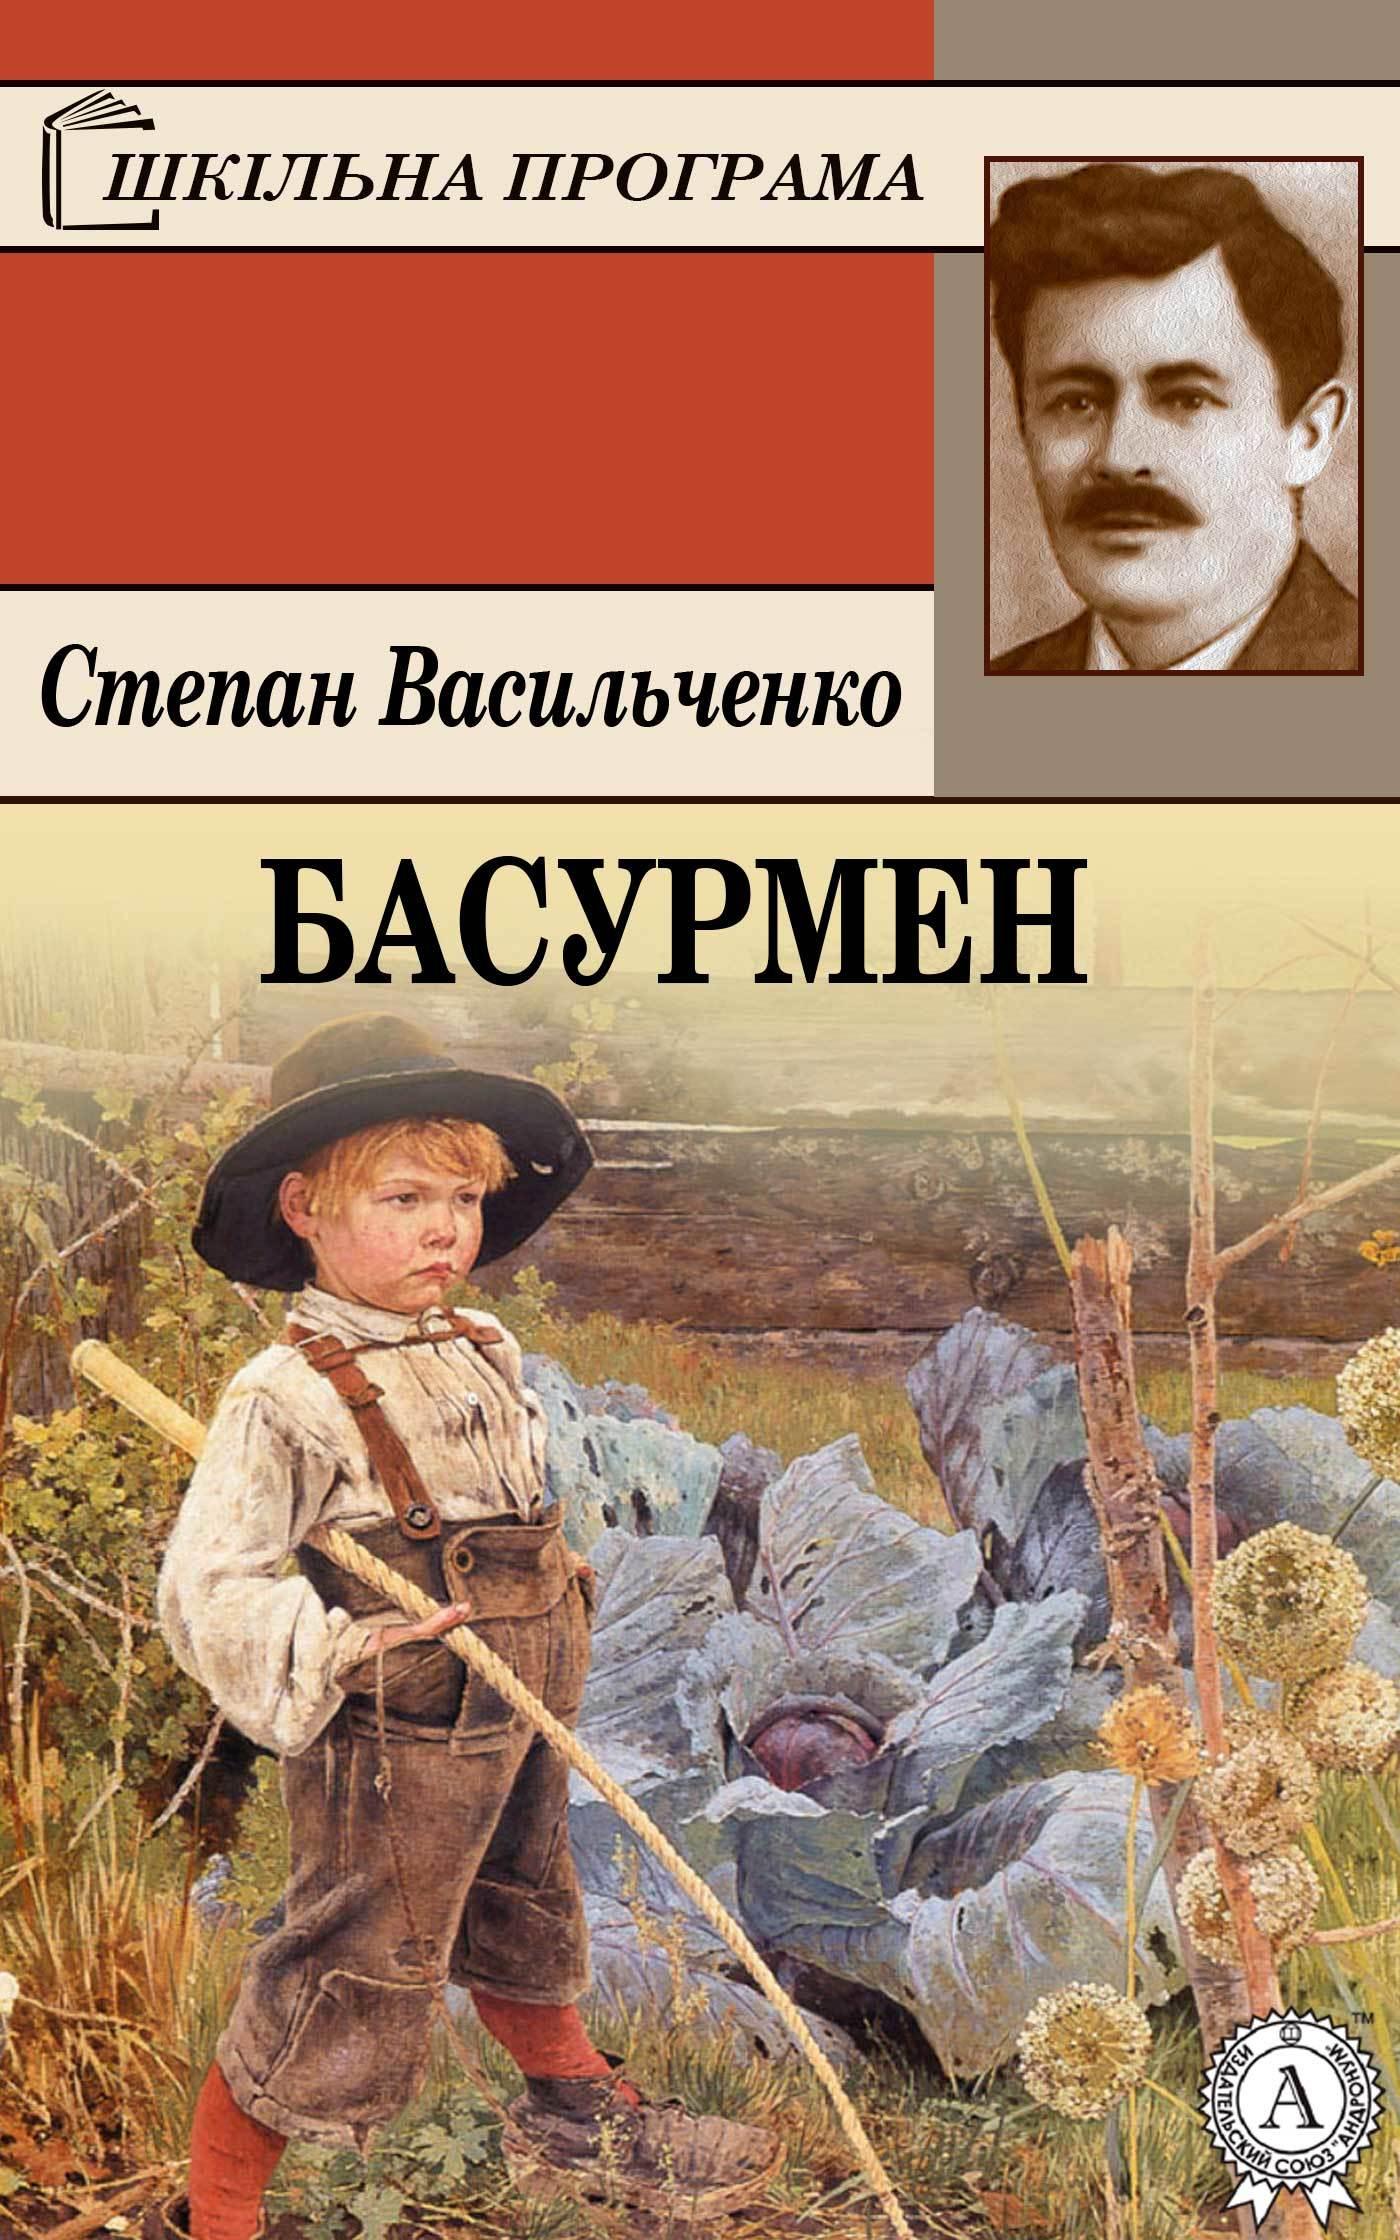 Басурмен